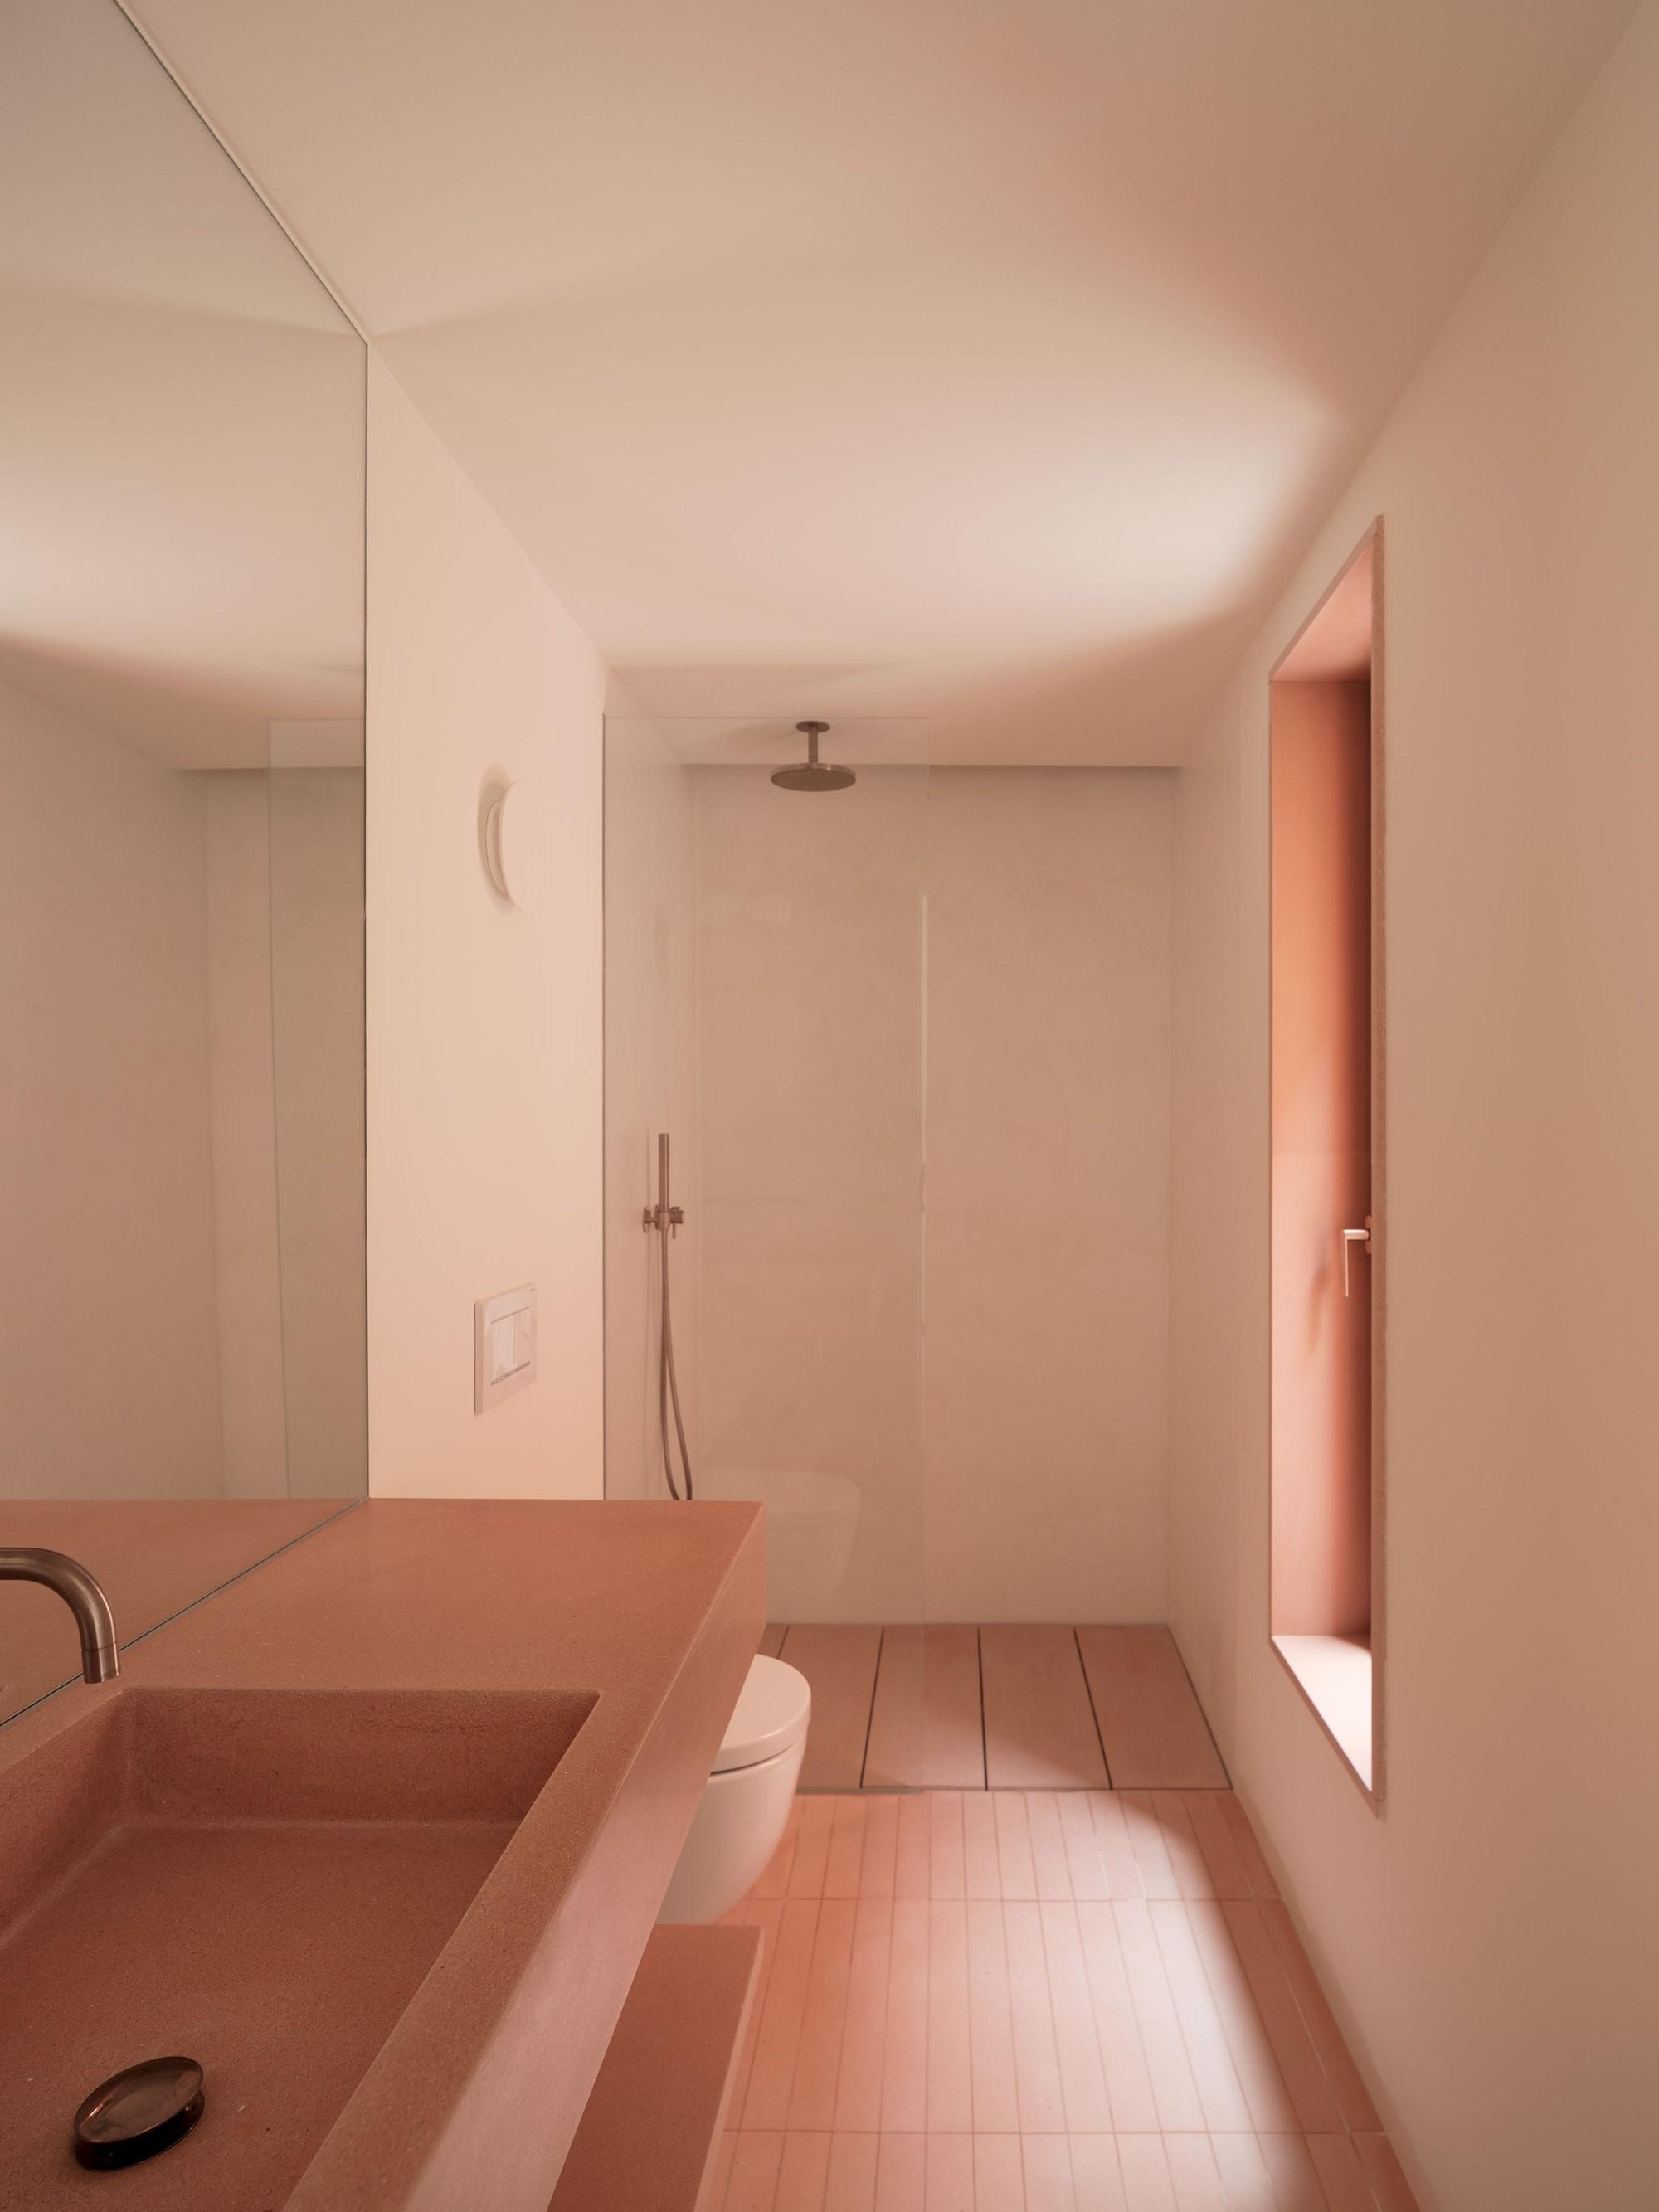 «Дом влюбленных» - текстурированное и красочное убежище Майорки